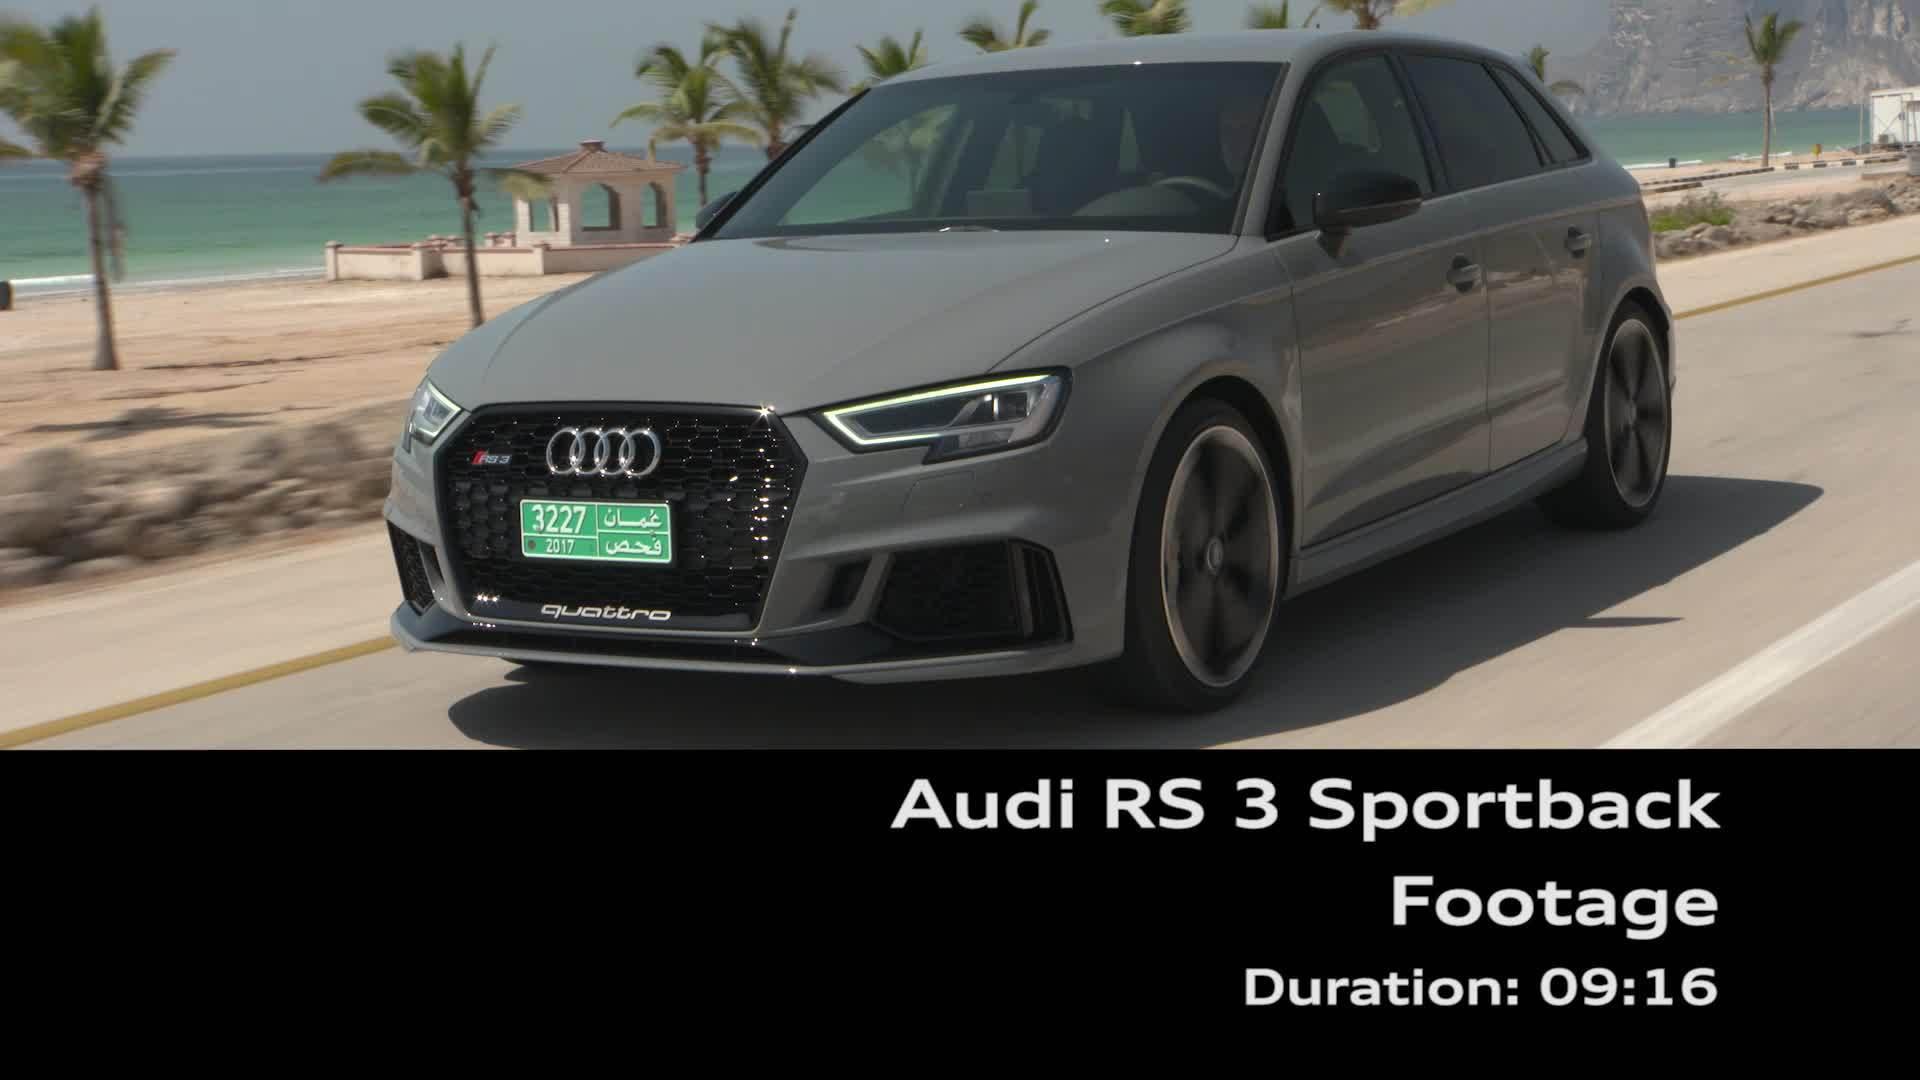 Audi RS 3 Sportback - Footage on Location Oman